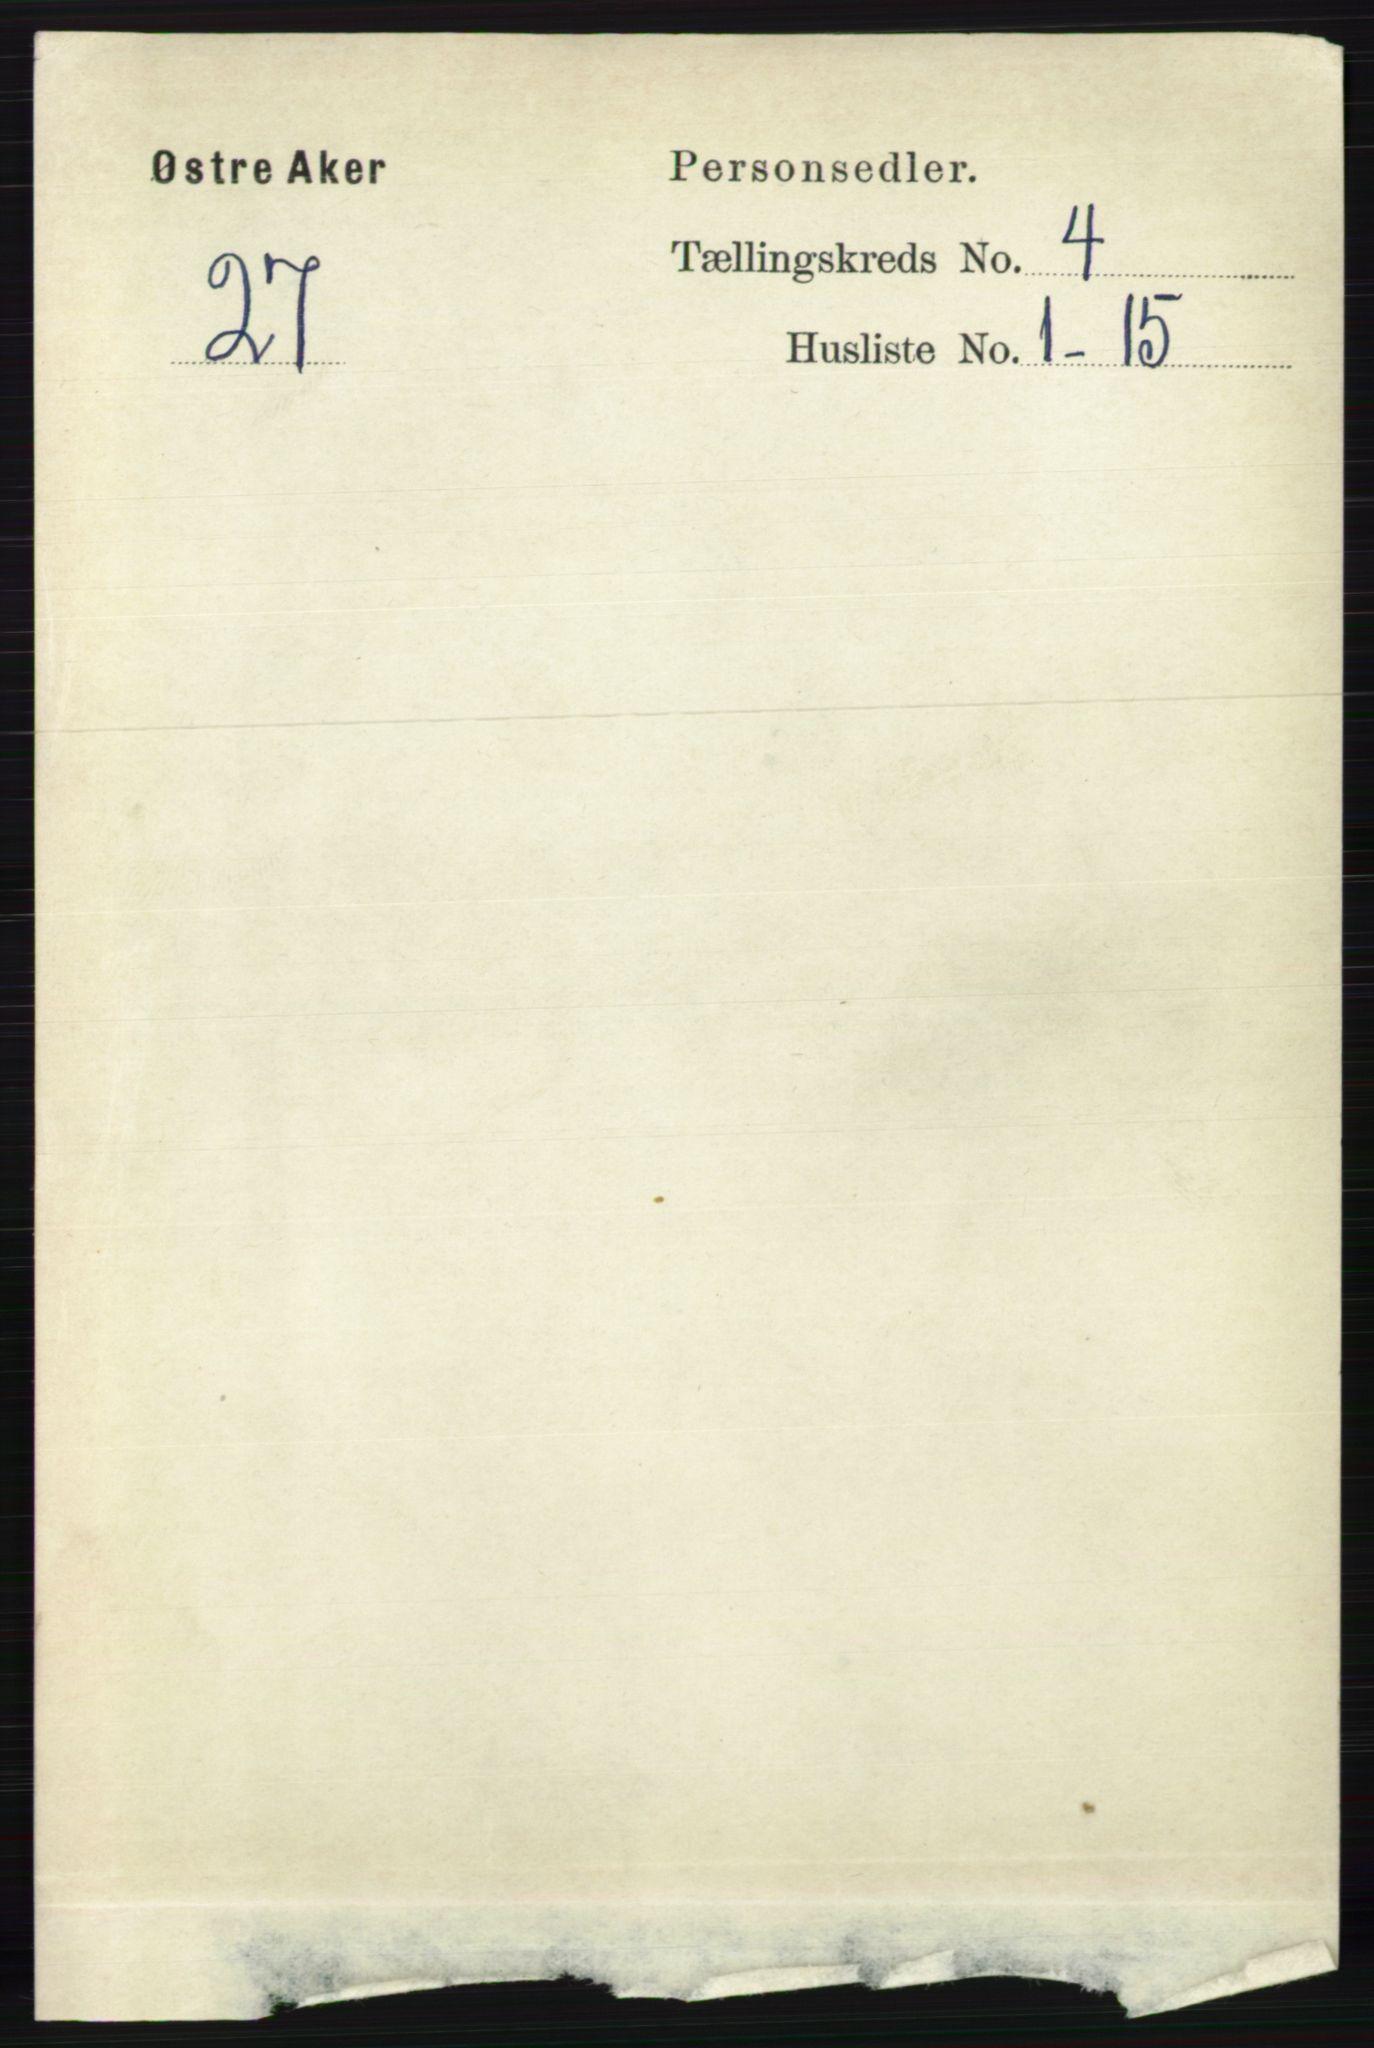 RA, Folketelling 1891 for 0218 Aker herred, 1891, s. 3924